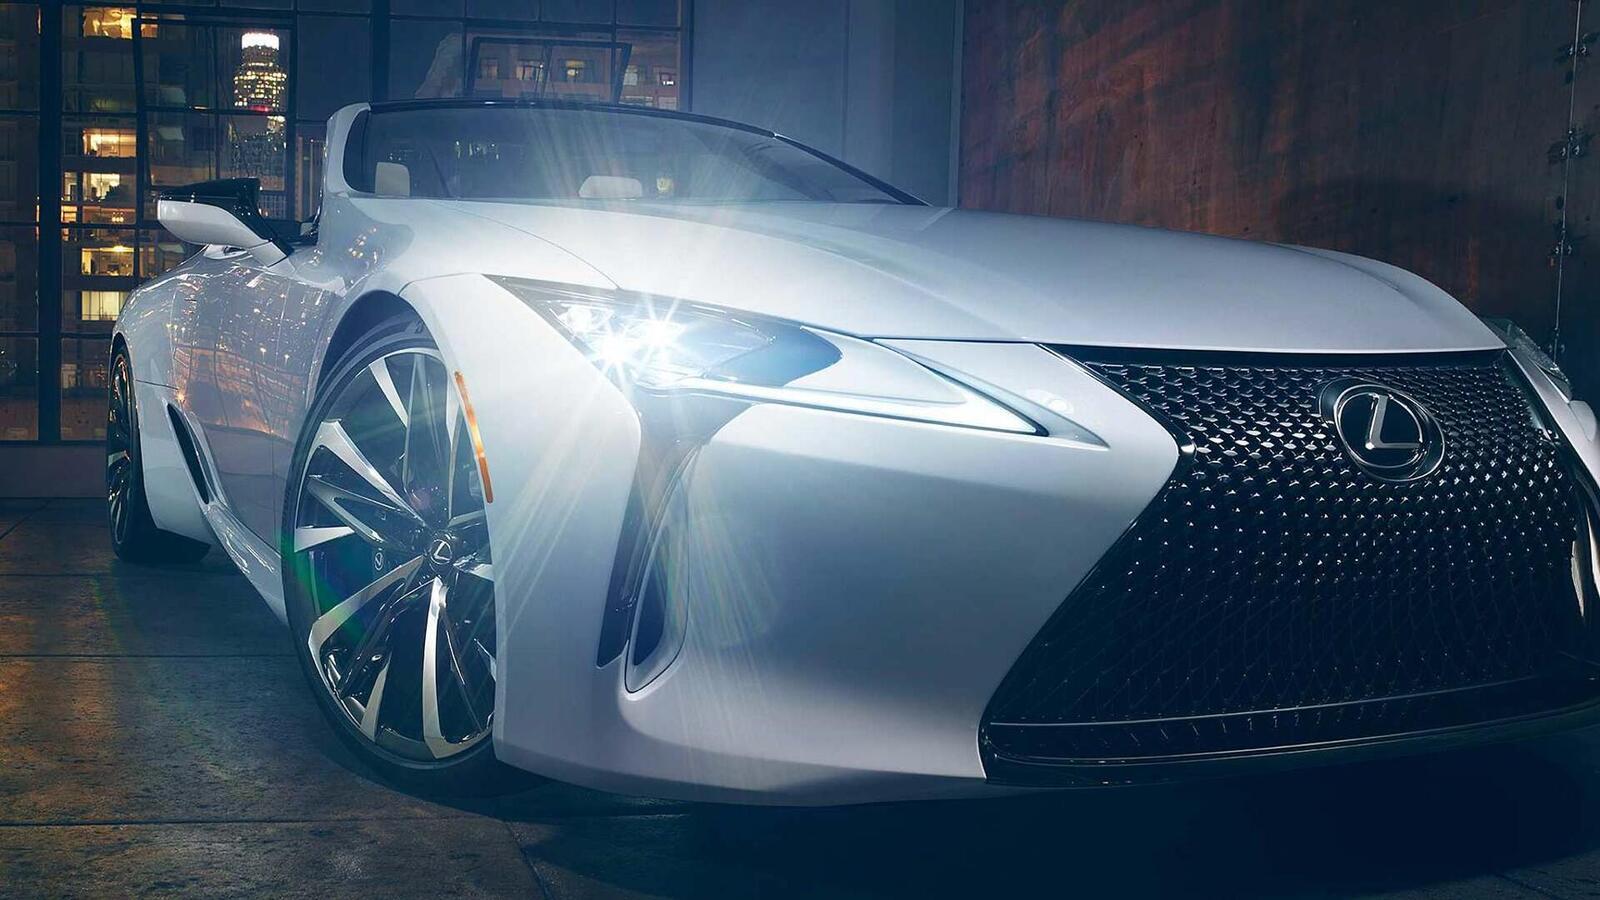 Lexus LC Convertible Concept 2020 sắp ra mắt tại Triển Lãm ô tô Quốc Tế Bắc Mỹ 2019 - Hình 3